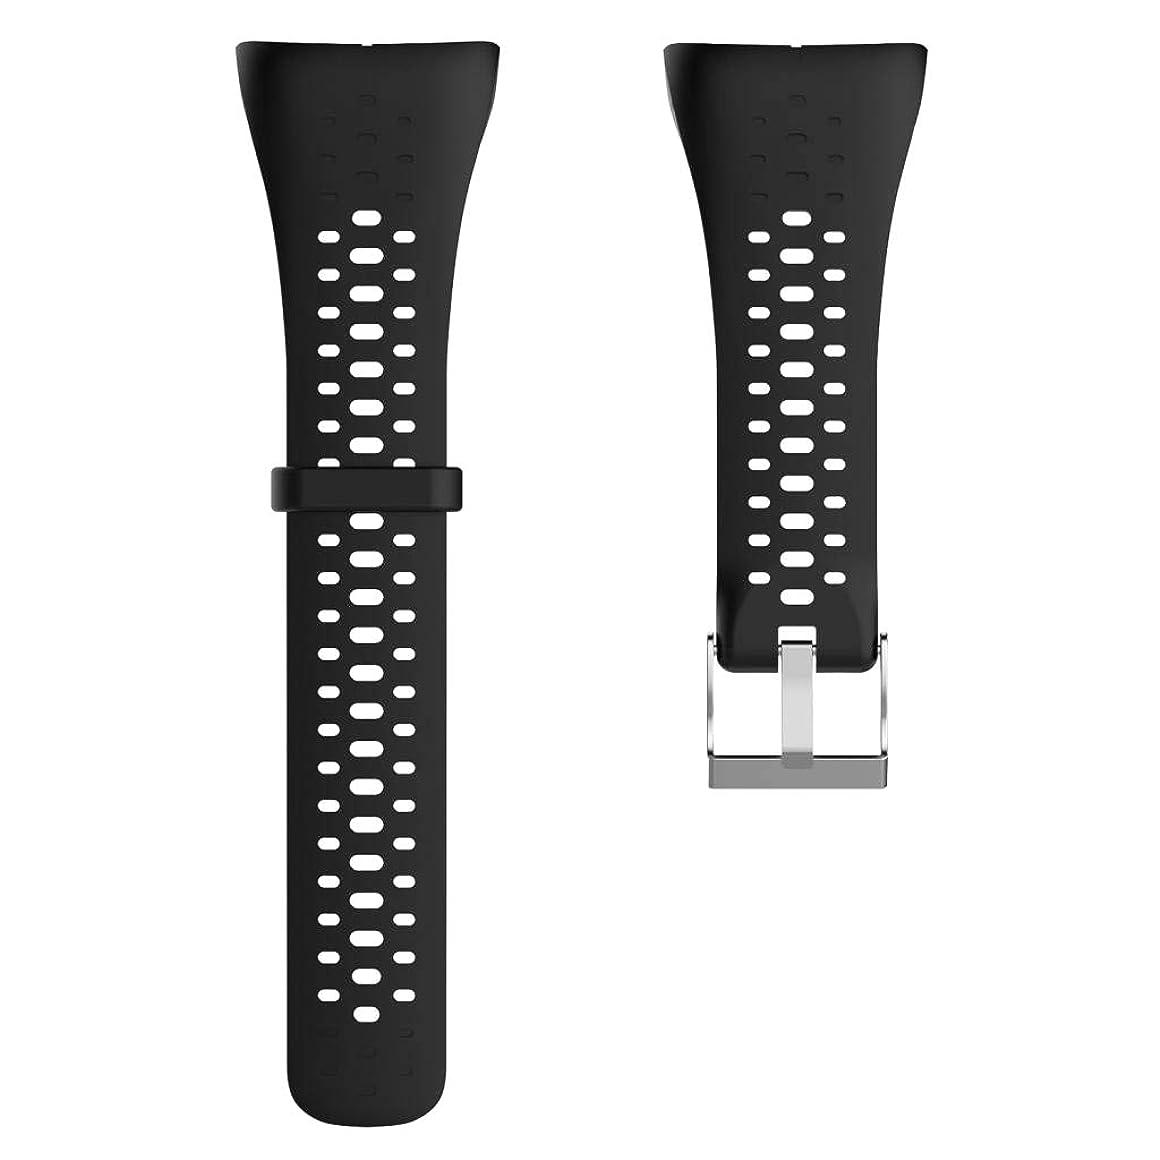 動力学歴史的監査perfk ストラップ リストバンド 交換用 シリコン Bono POLAR M400M430用 全6色 - 黒